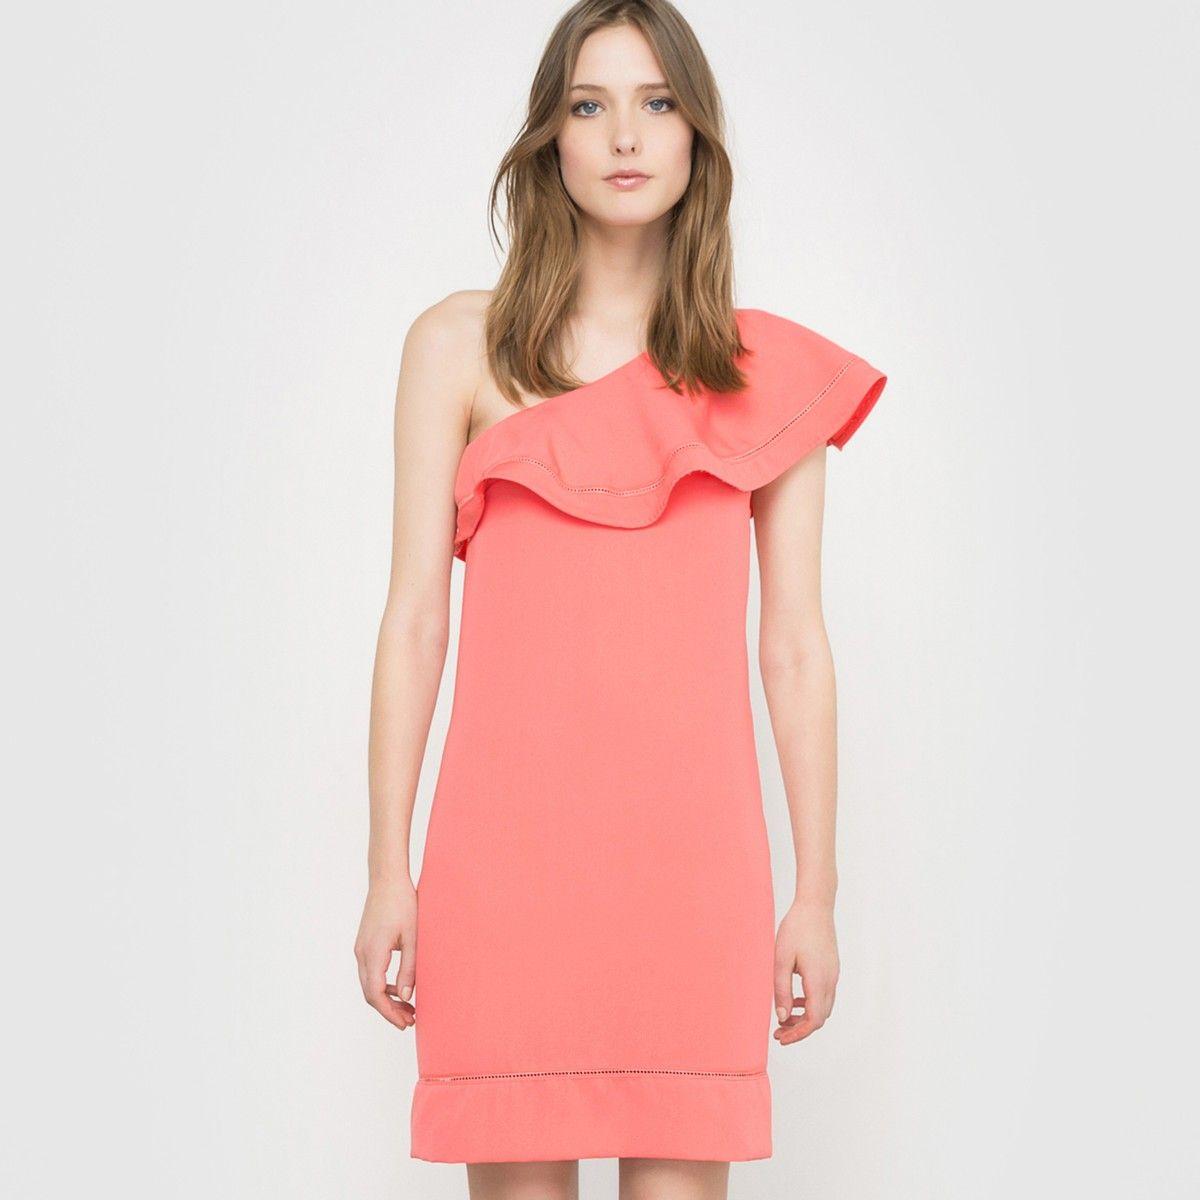 Vestido de noche rojo coral Mademoiselle R | La Redoute | PV17 ...